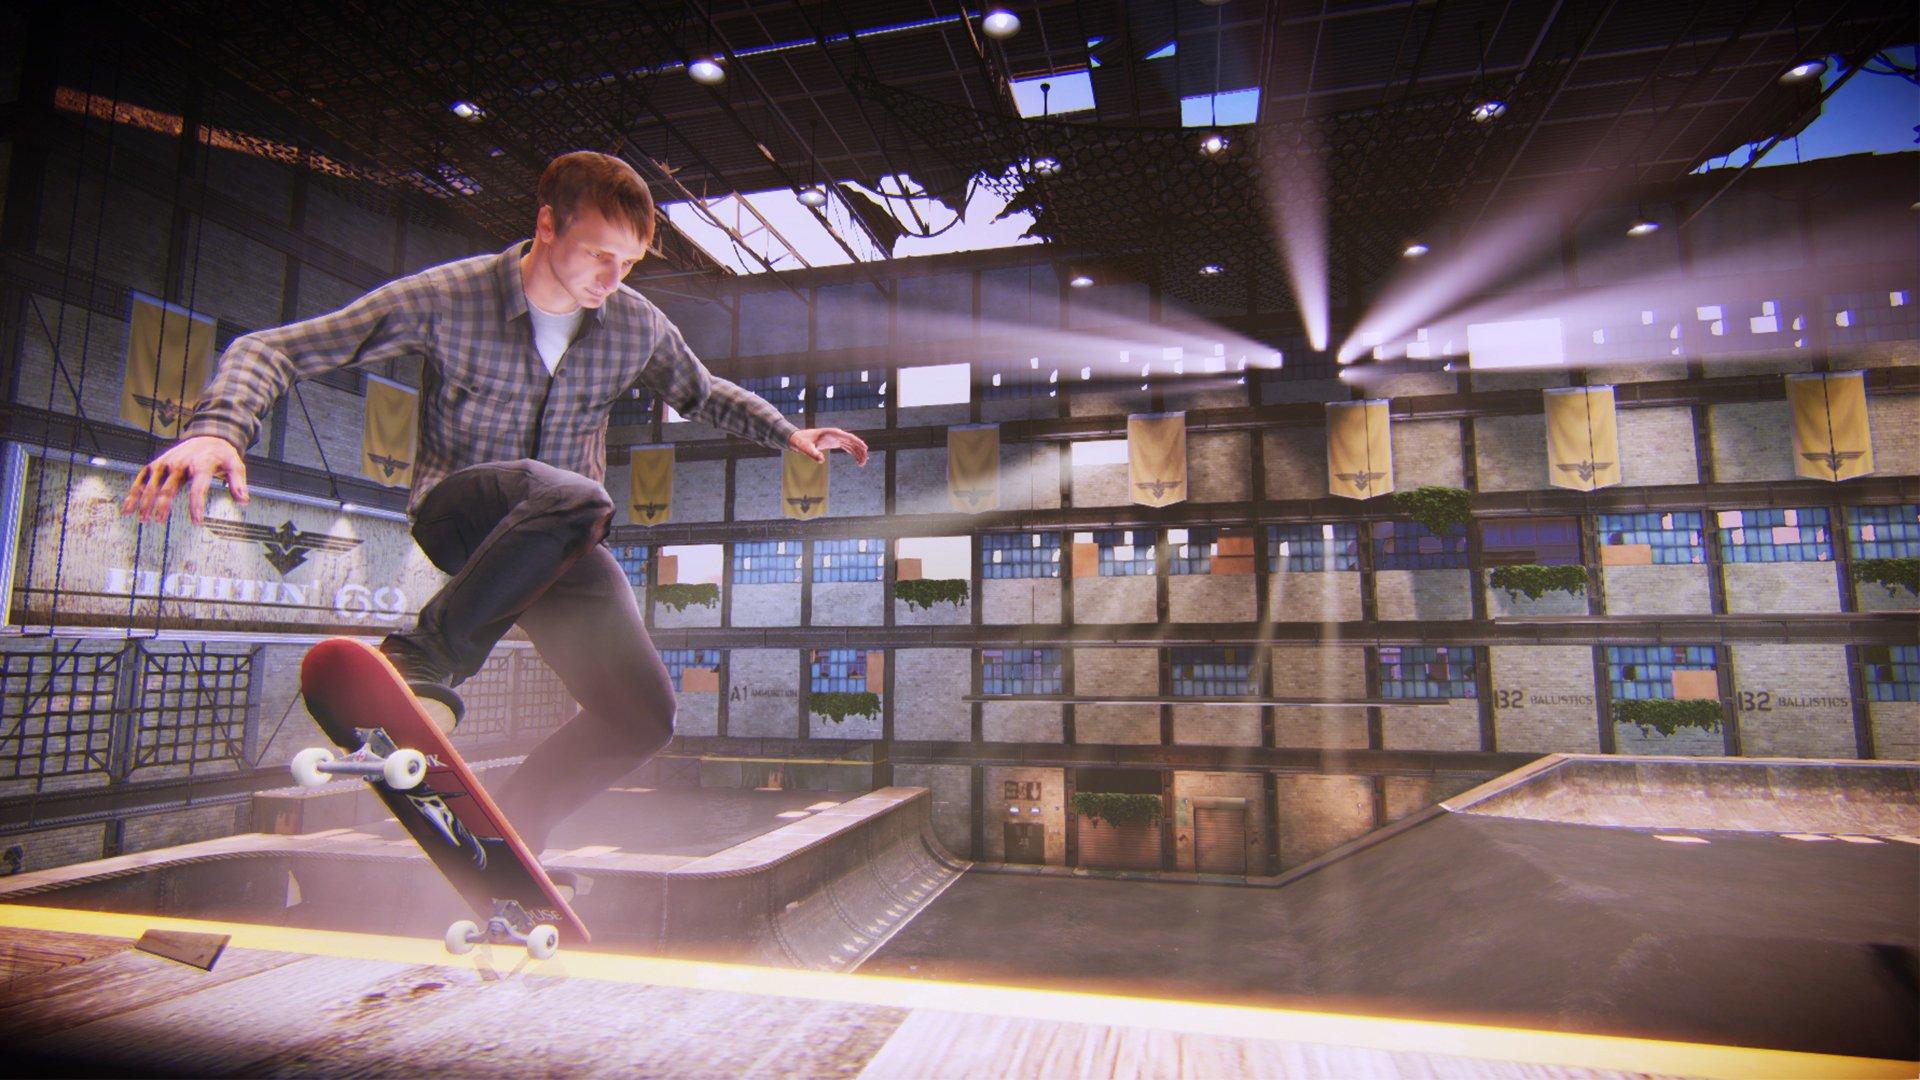 tony-hawks-pro-skater-5-screen-06b-us-01may15